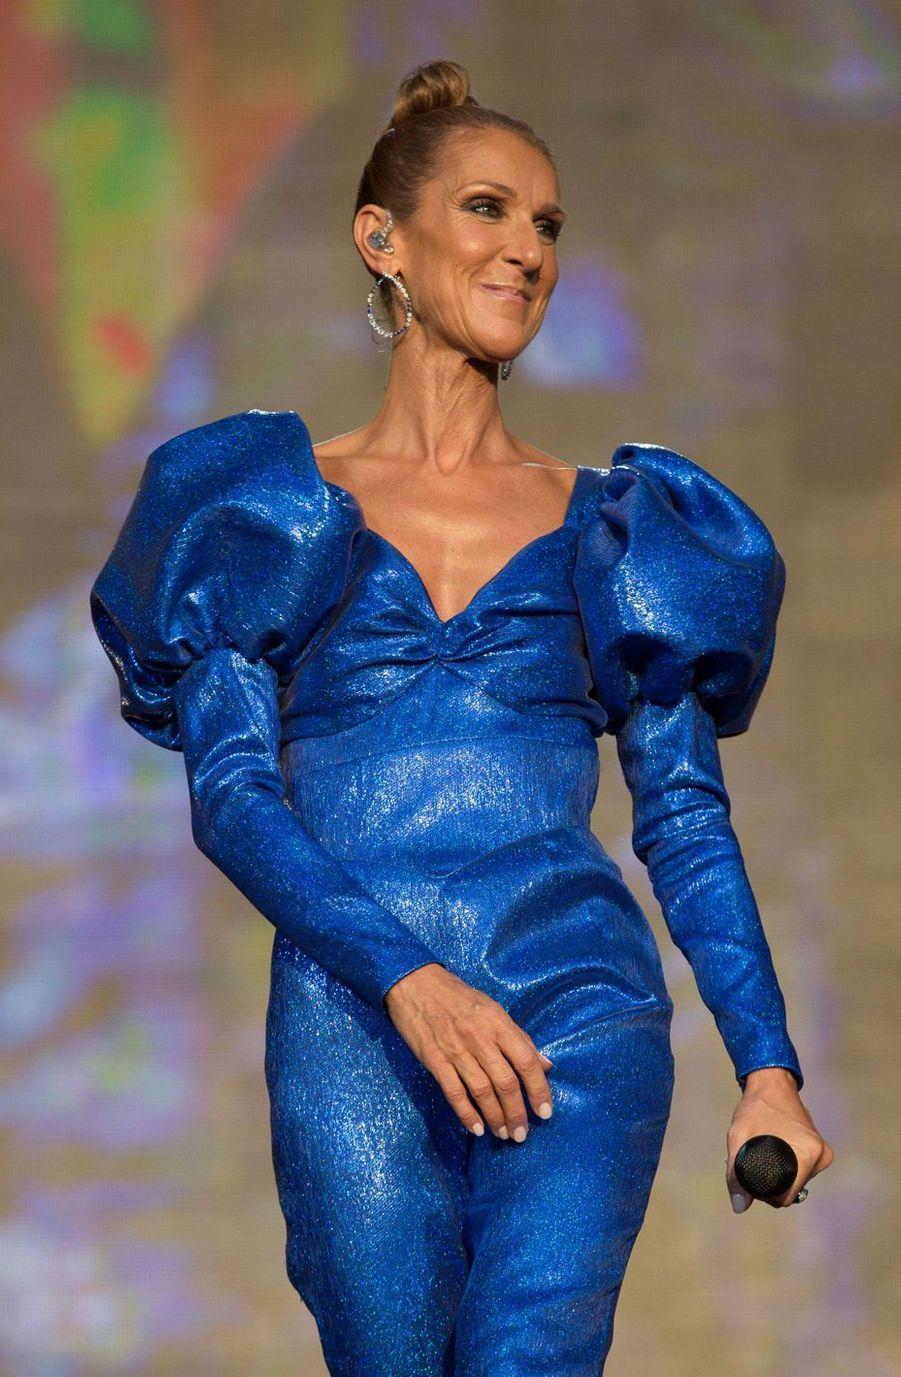 Avec son mari René Angélil, Céline Dion a eu recours à des FIV pour mettre au monde ses trois enfants, René-Charles (18 ans) et Nelson et Eddy (9 ans). La chanteuse avait également subi une fausse couche en 2009, avant de tomber enceinte de ses jumeaux.